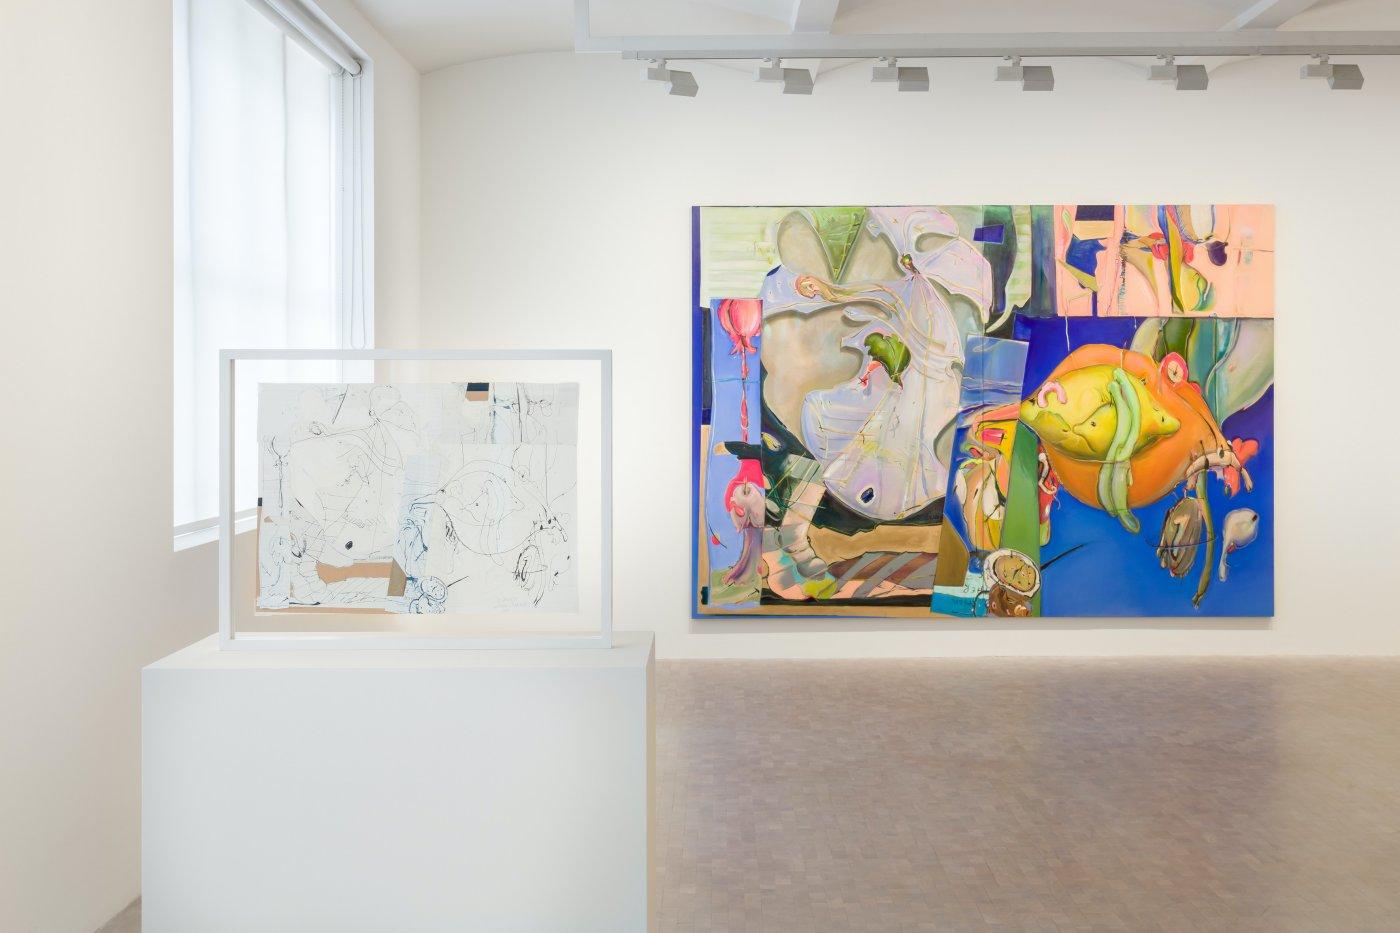 Pippy Houldsworth Gallery Stefanie Heinze 2